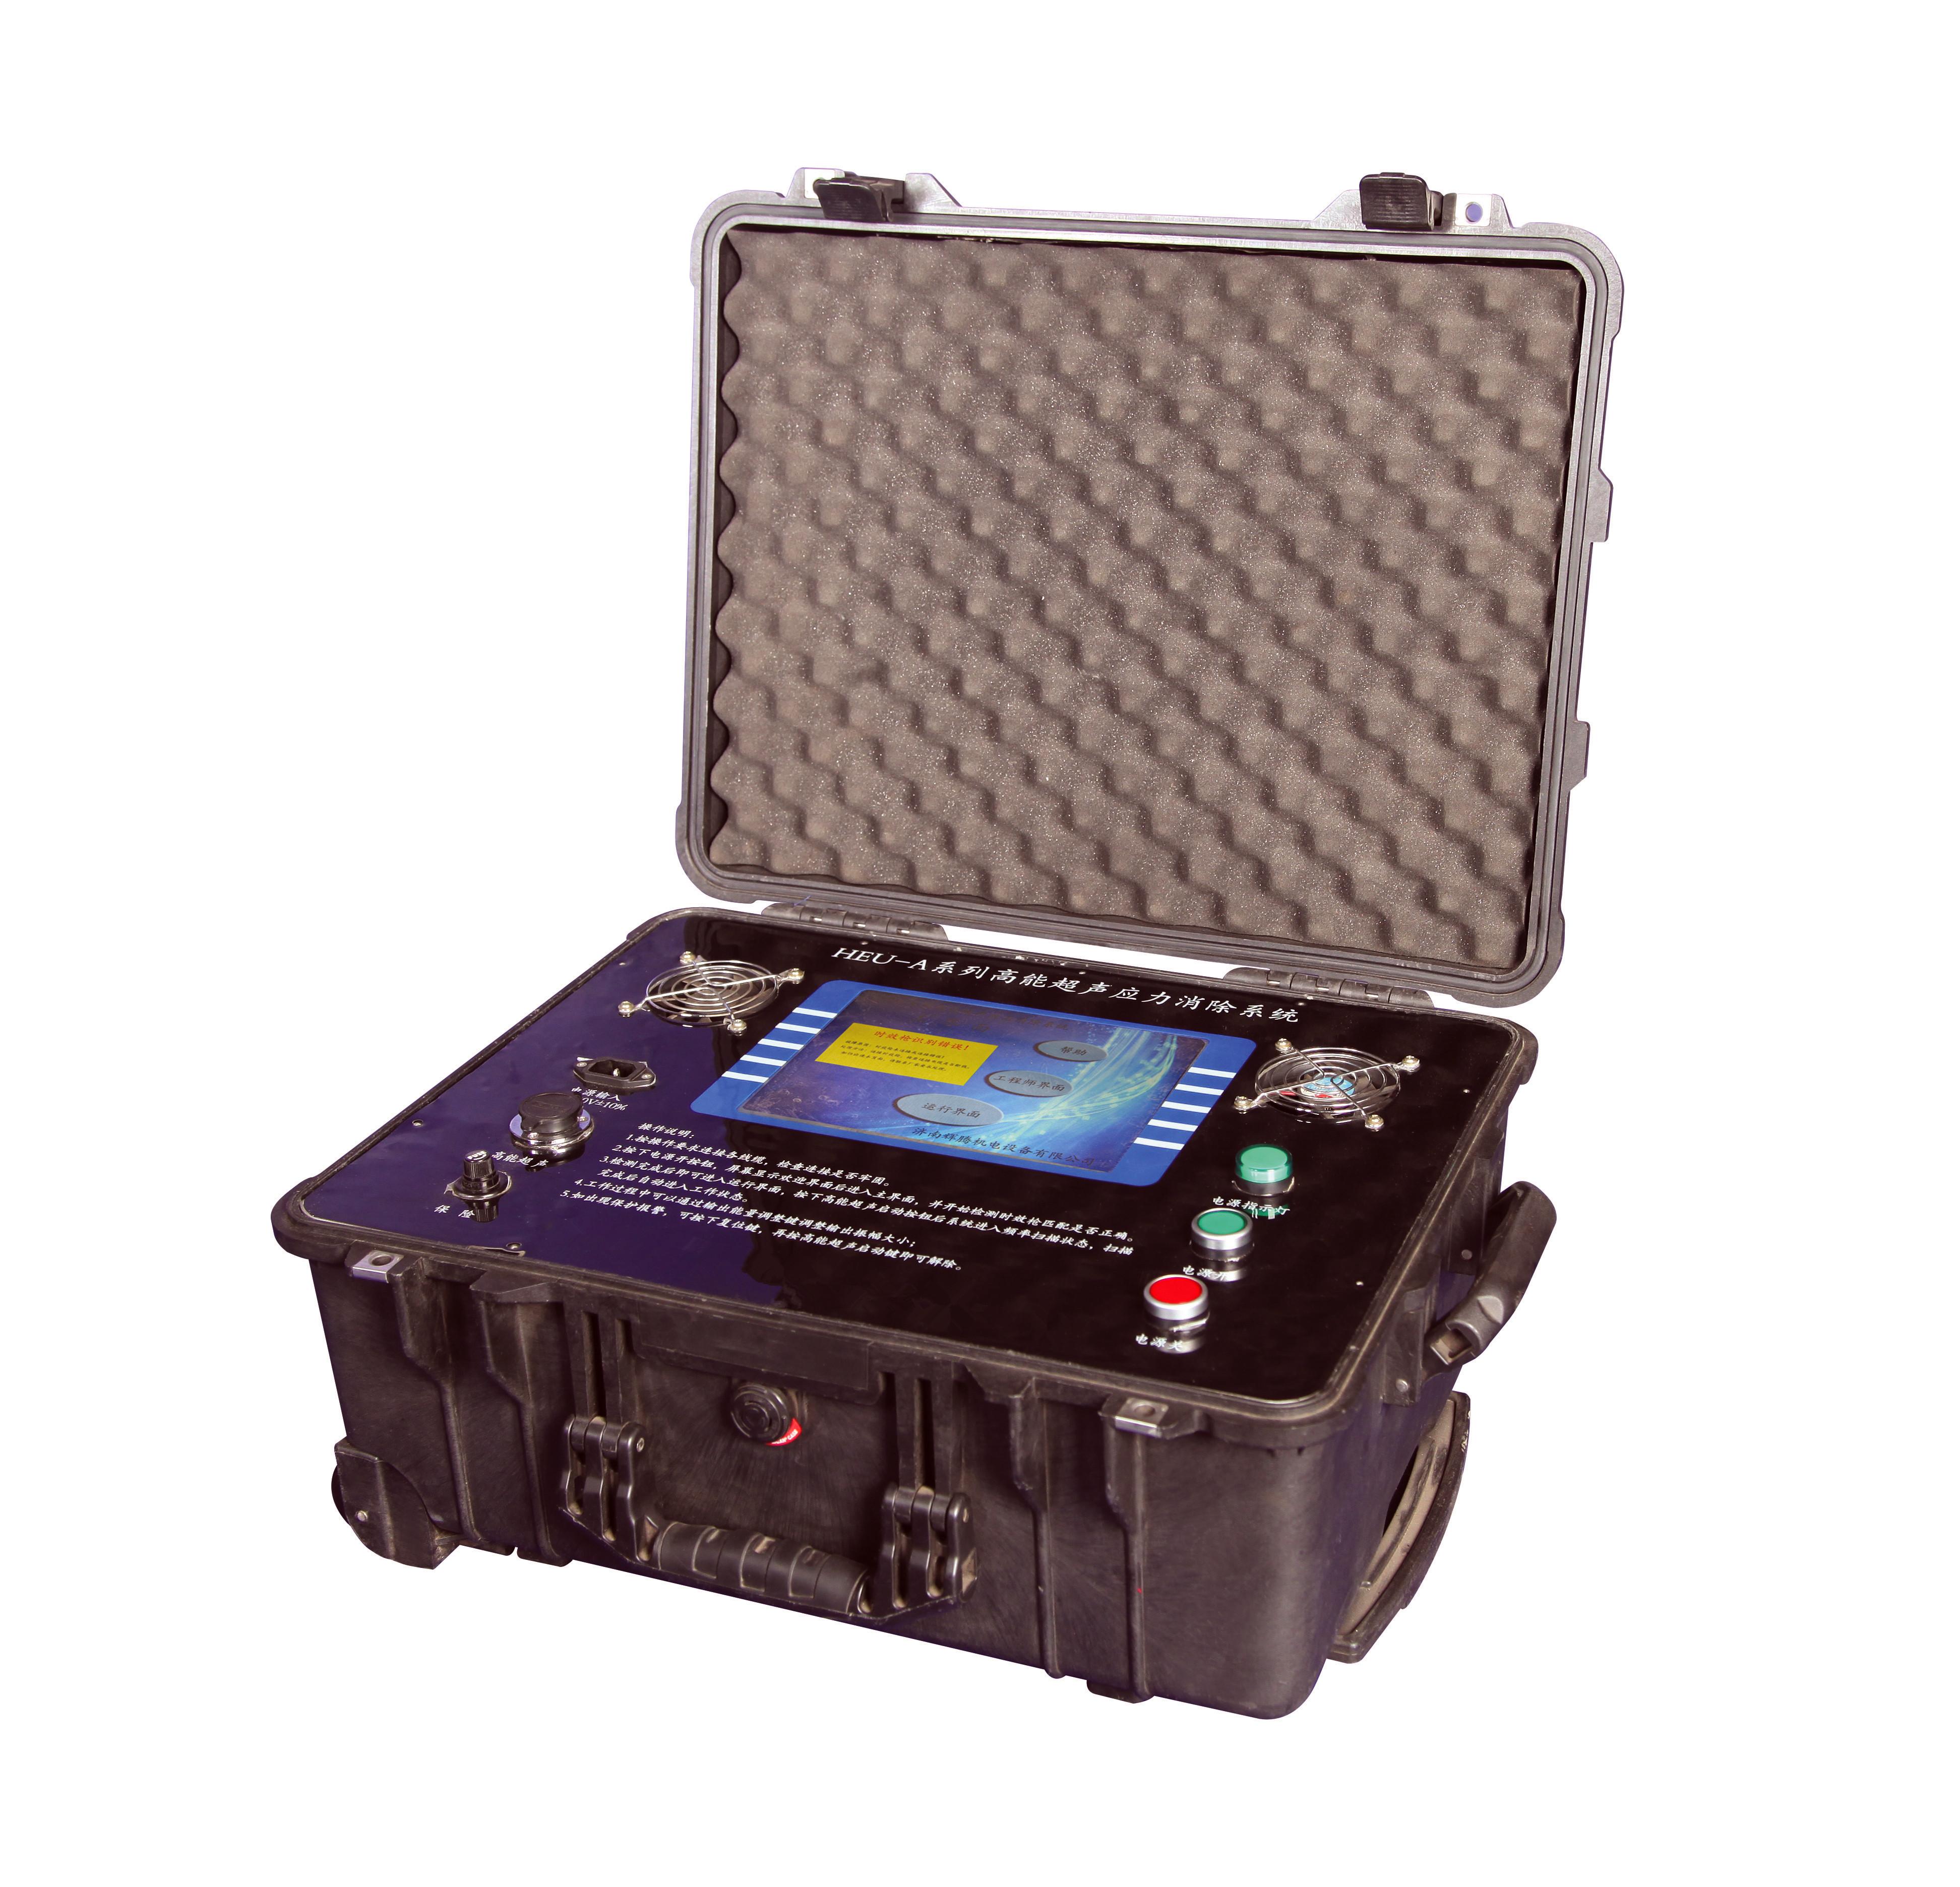 lh-20A型超声波时效仪.jpg